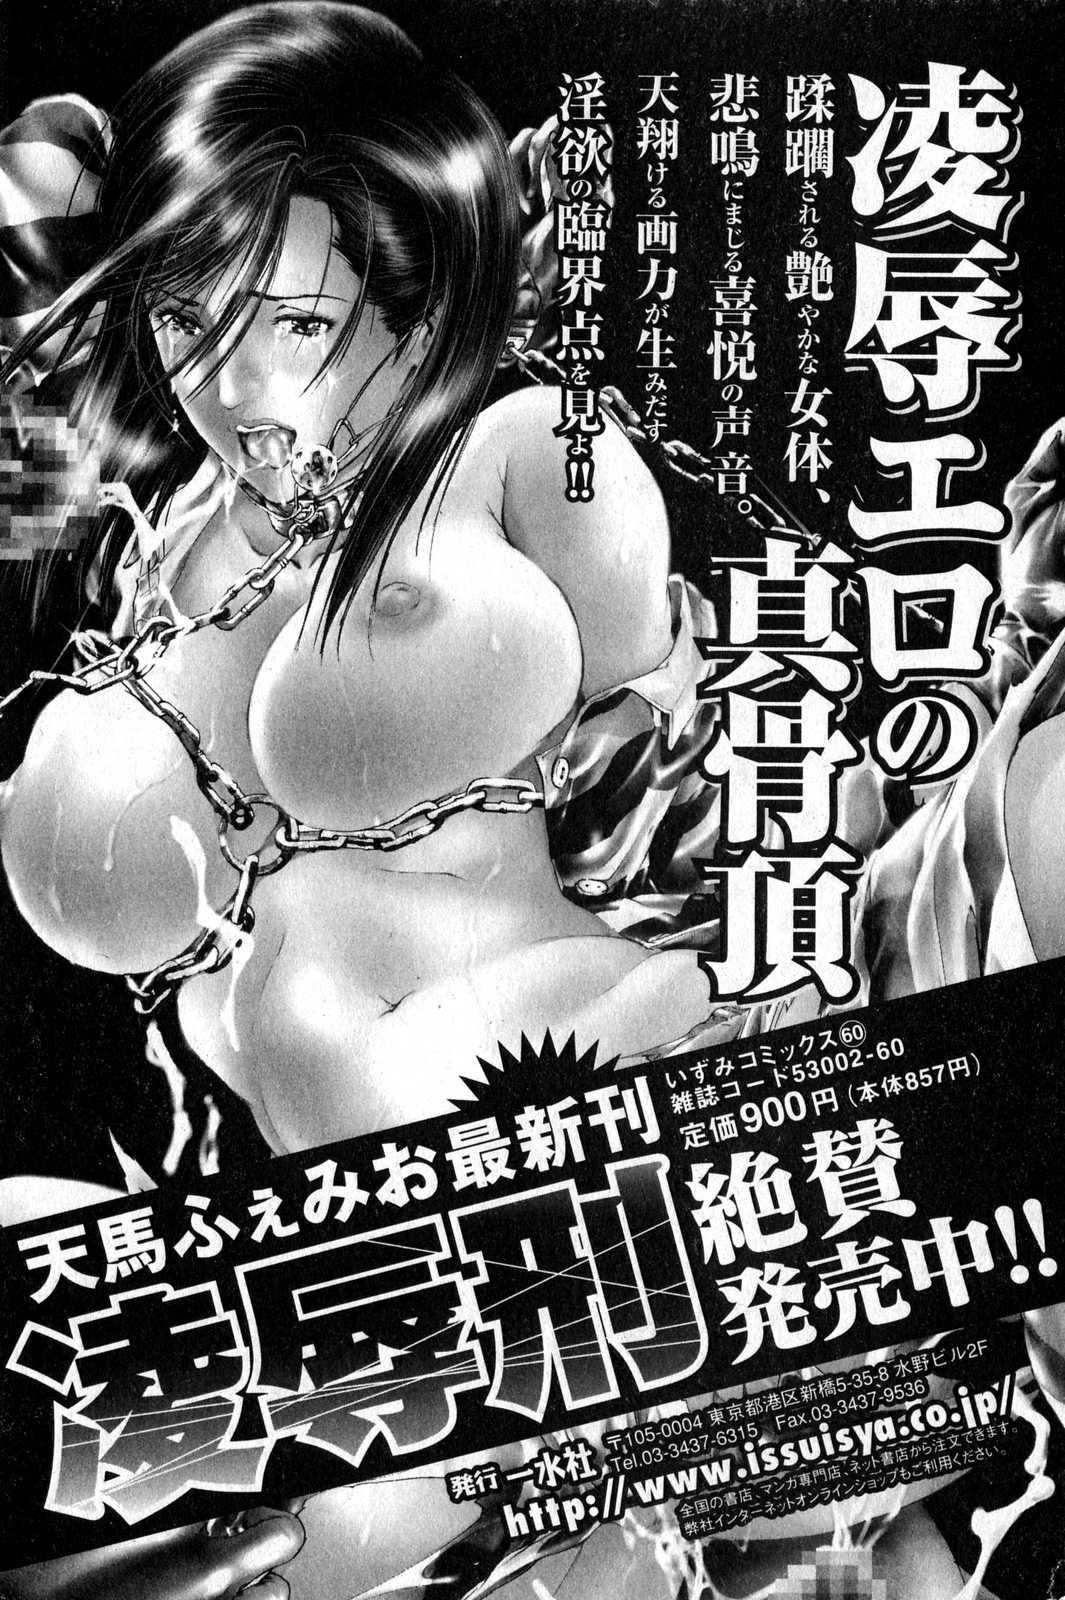 Bishoujo Teki Kaikatsu Ryoku 2007 Vol.15 153